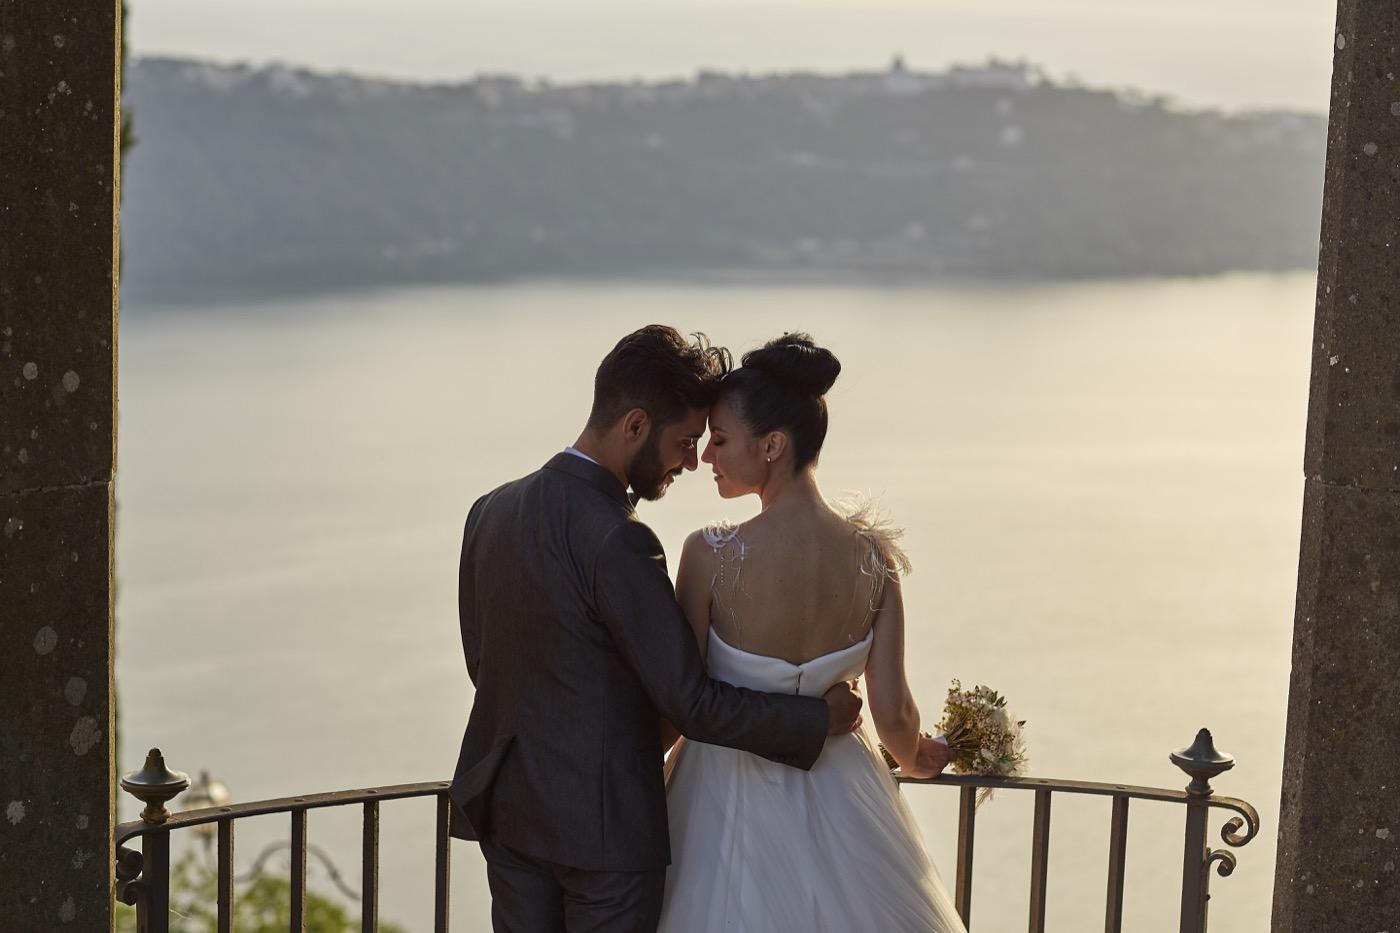 Claudio-Coppola-wedding-photographer-villa-del-cardinale-rocca-di-papa-castel-gandolfo-86